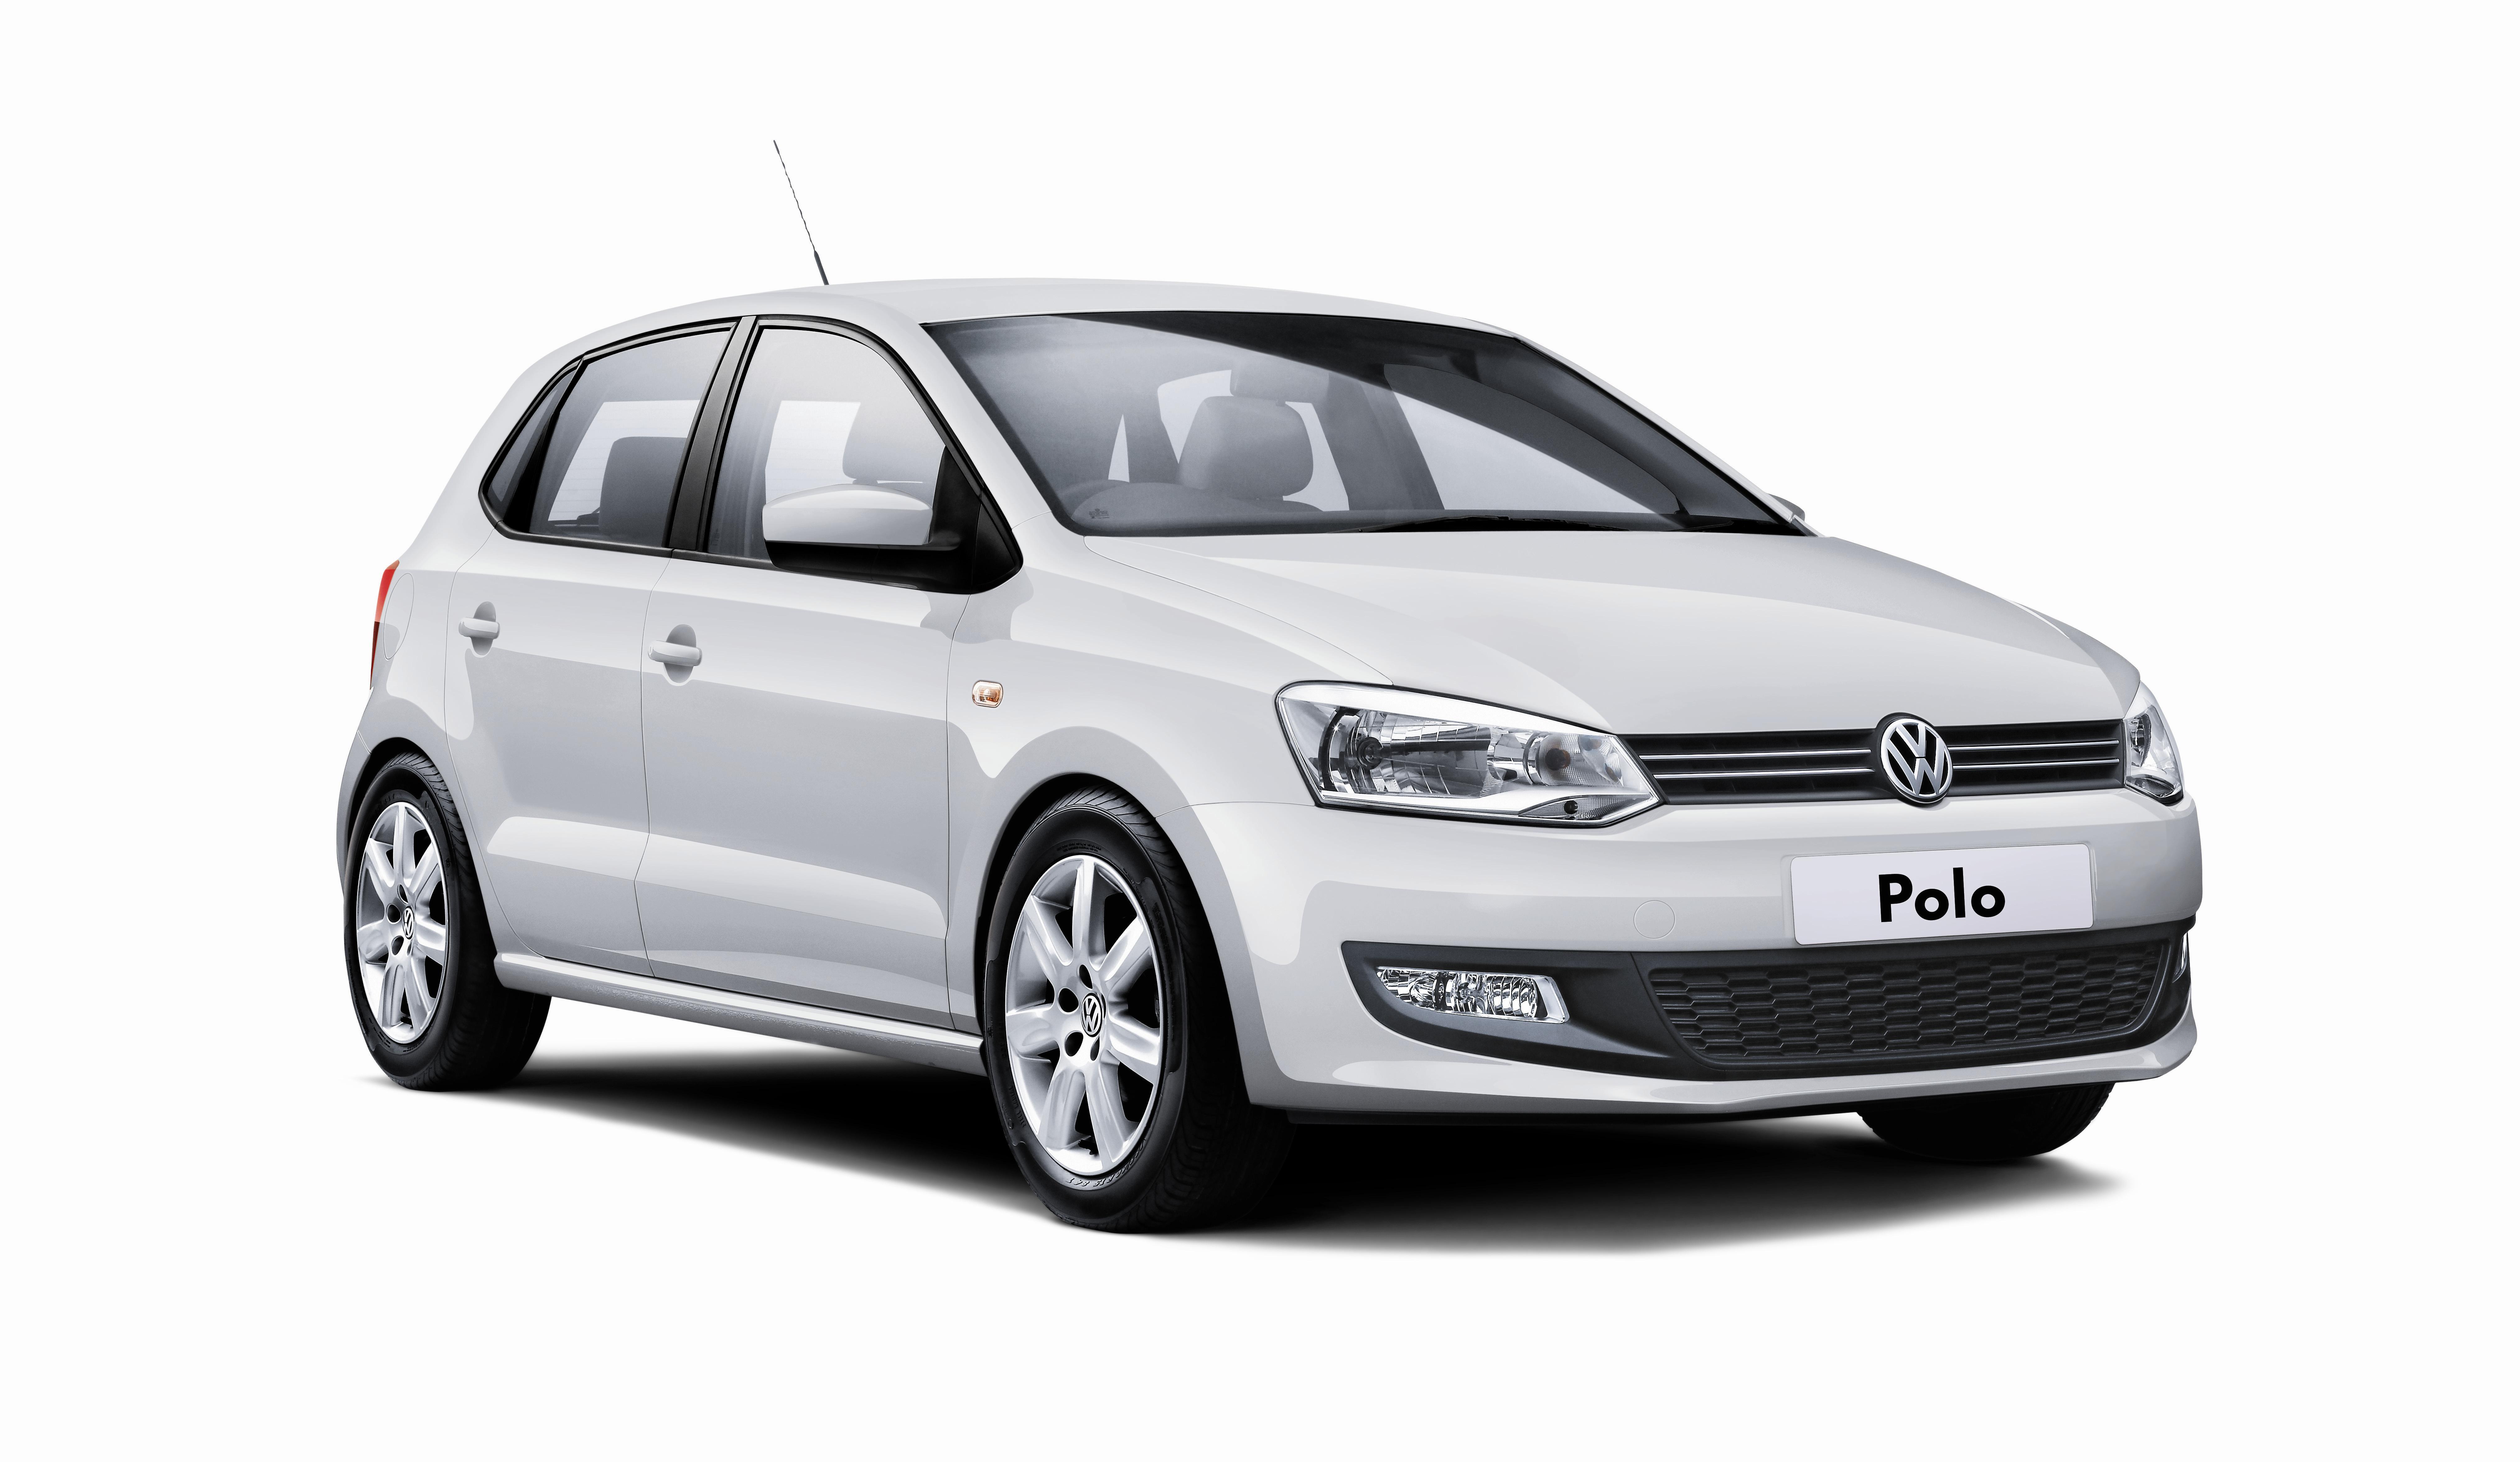 Volkswagen Polo Wallpaper Title Volkswagen Polo Wallpaper Volkswagen Polo India 8100x4698 Download Hd Wallpaper Wallpapertip